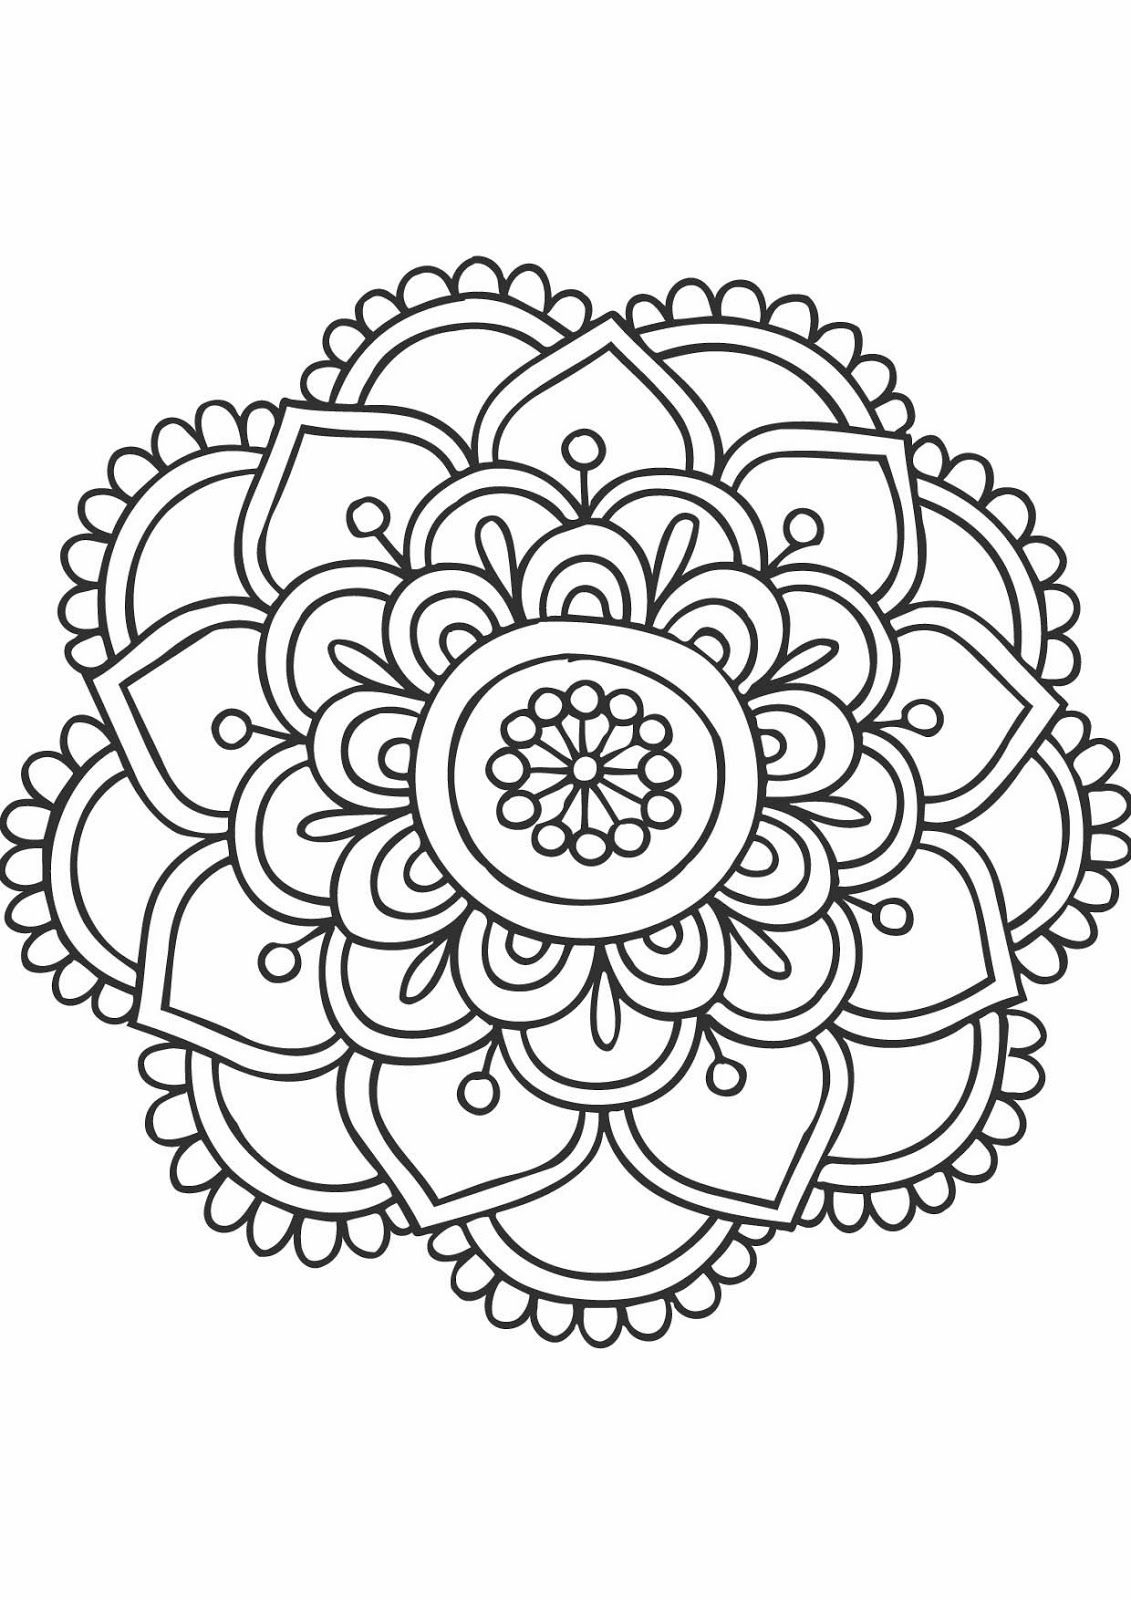 Les Lectures De Carol: Les Mandalas | Mandala Coloring Pages destiné Mandala À Imprimer Facile